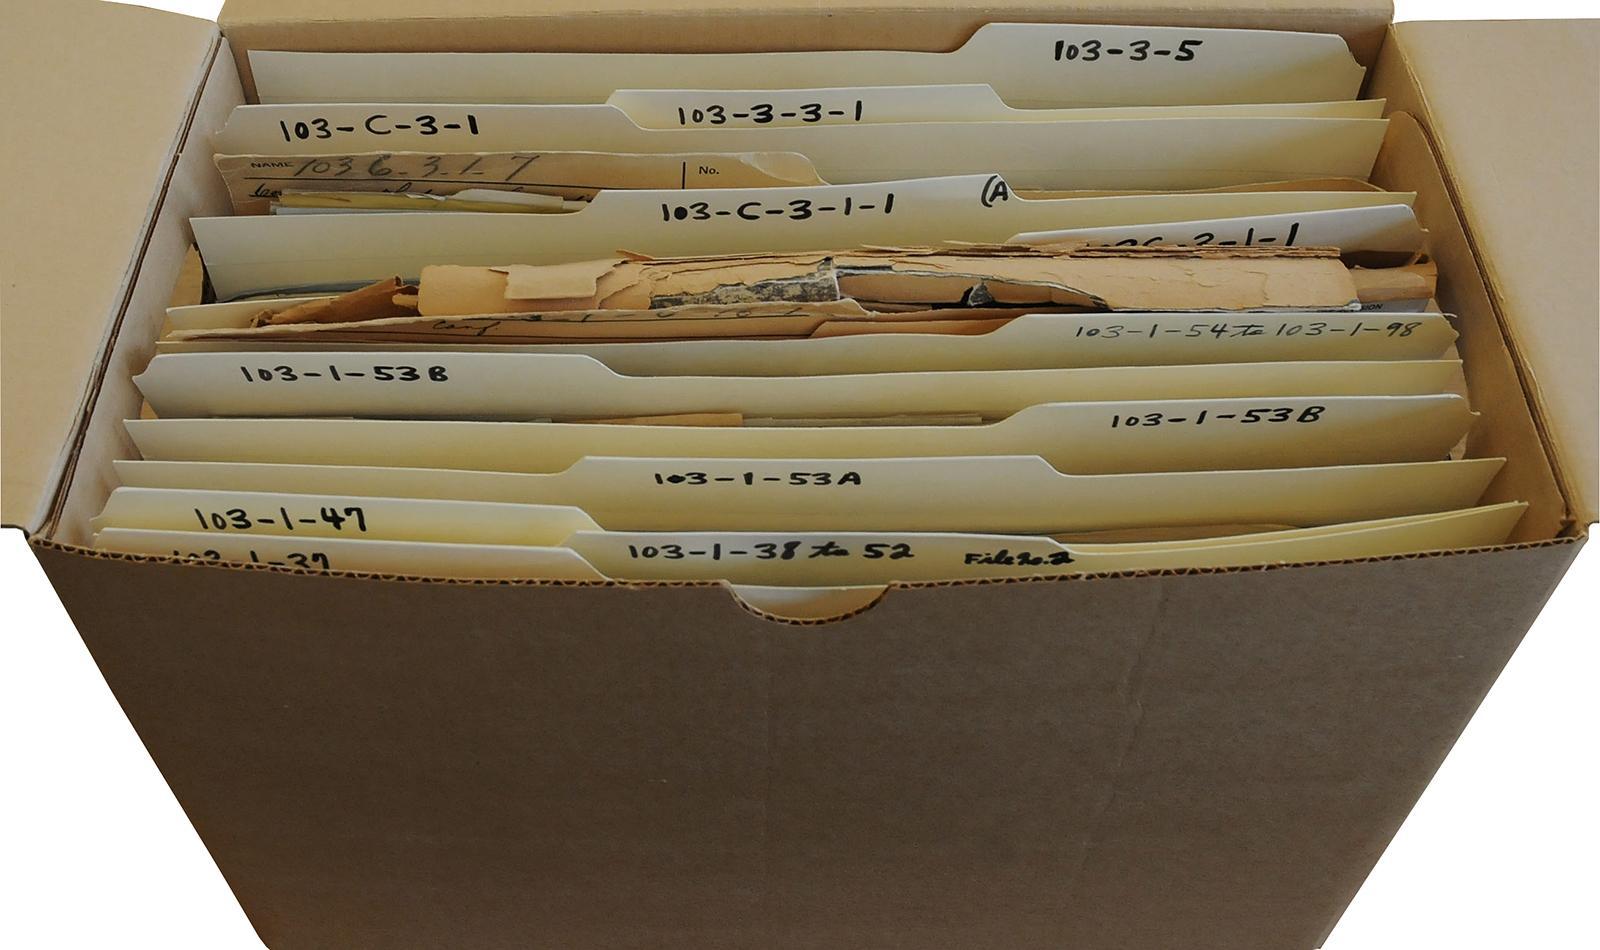 boîte d'archives ouverte